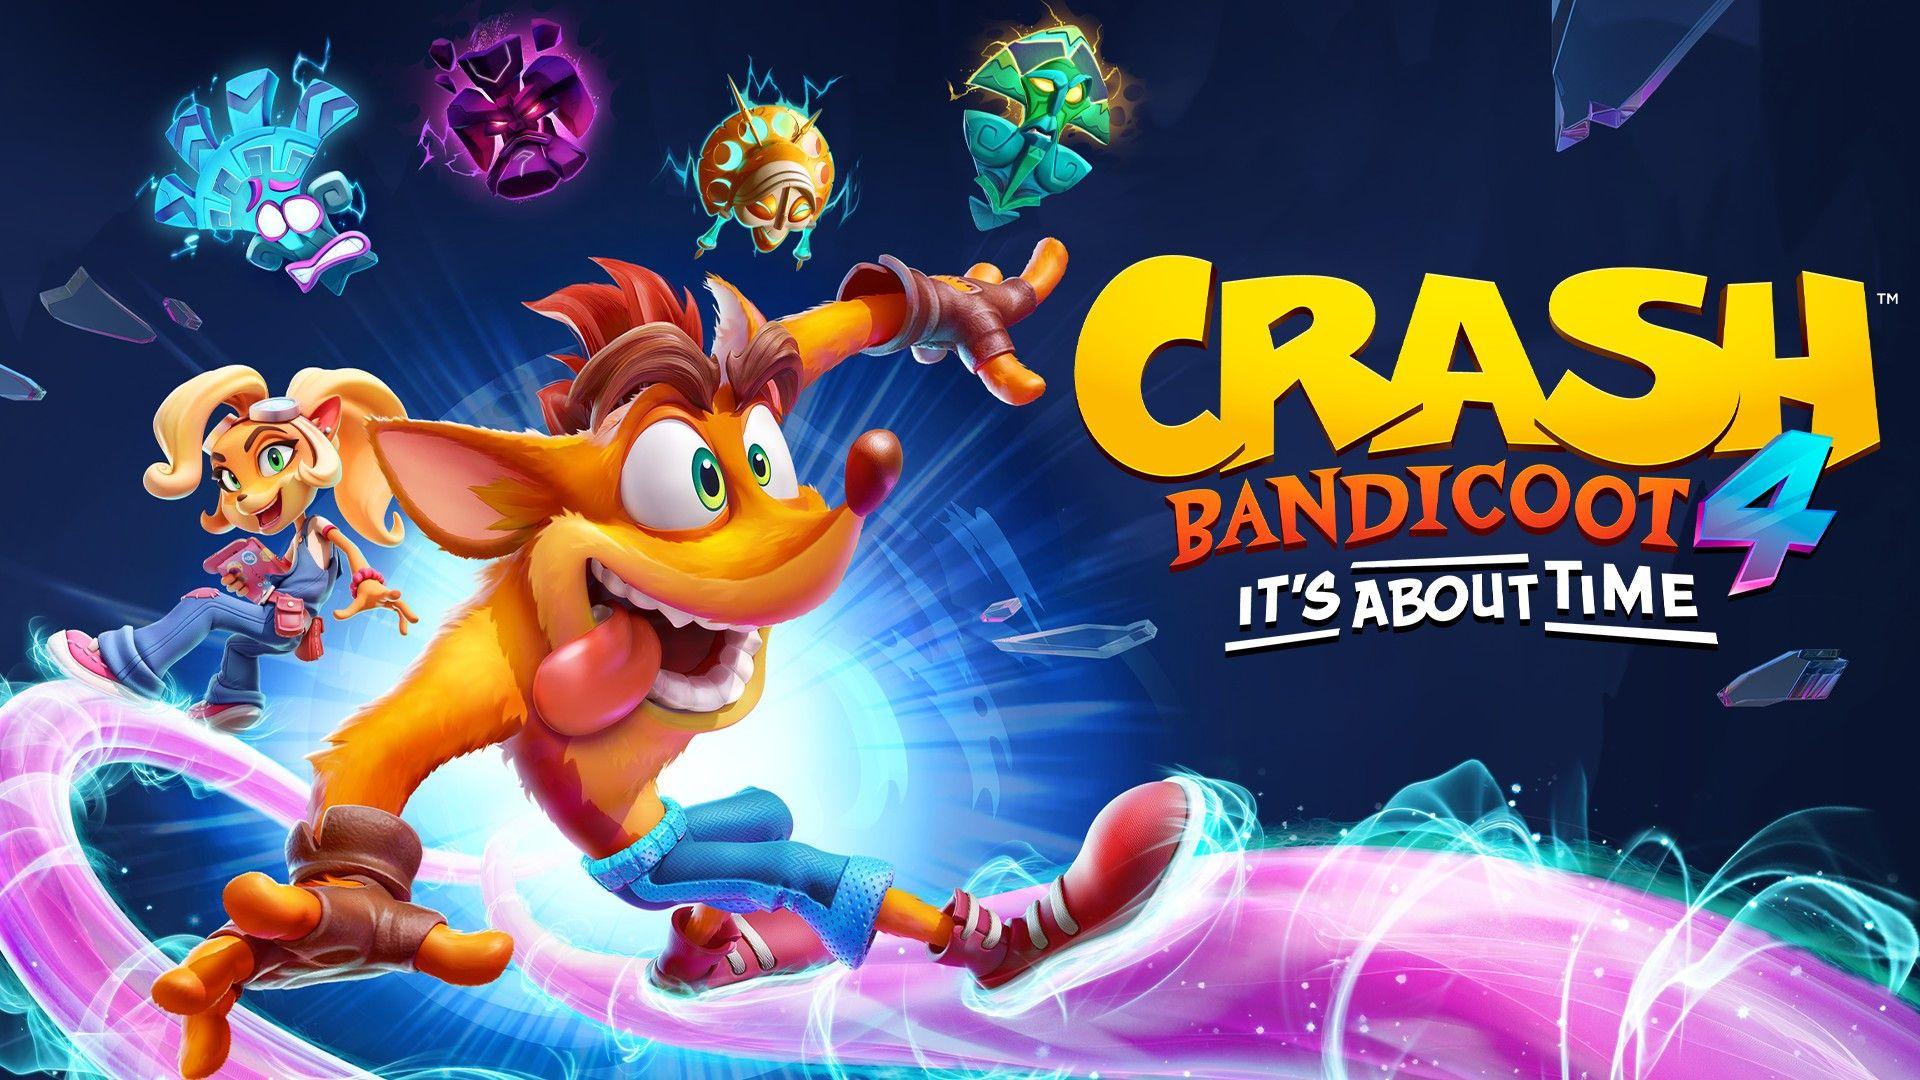 Crash Bandicoot 4 It S Time Launched A New Crash Bandicoot Game Xbox Wire Crash Bandicoot Bandicoot Crash